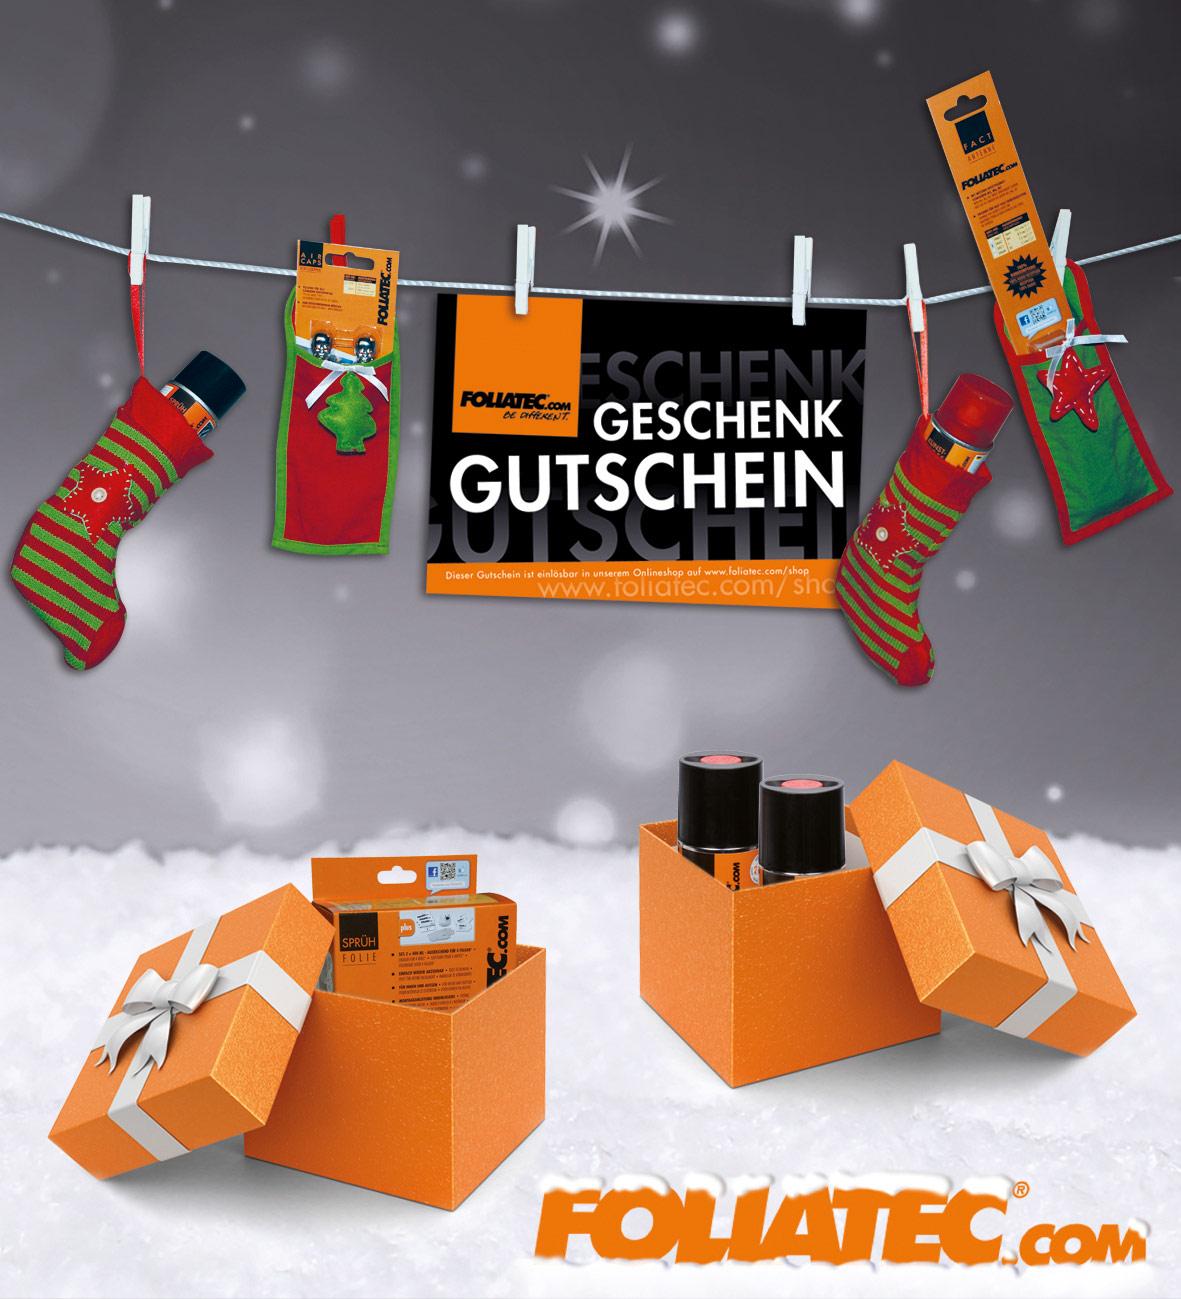 weihnachtsgeschenk f r autoverr ckte gutscheine von foliatec. Black Bedroom Furniture Sets. Home Design Ideas